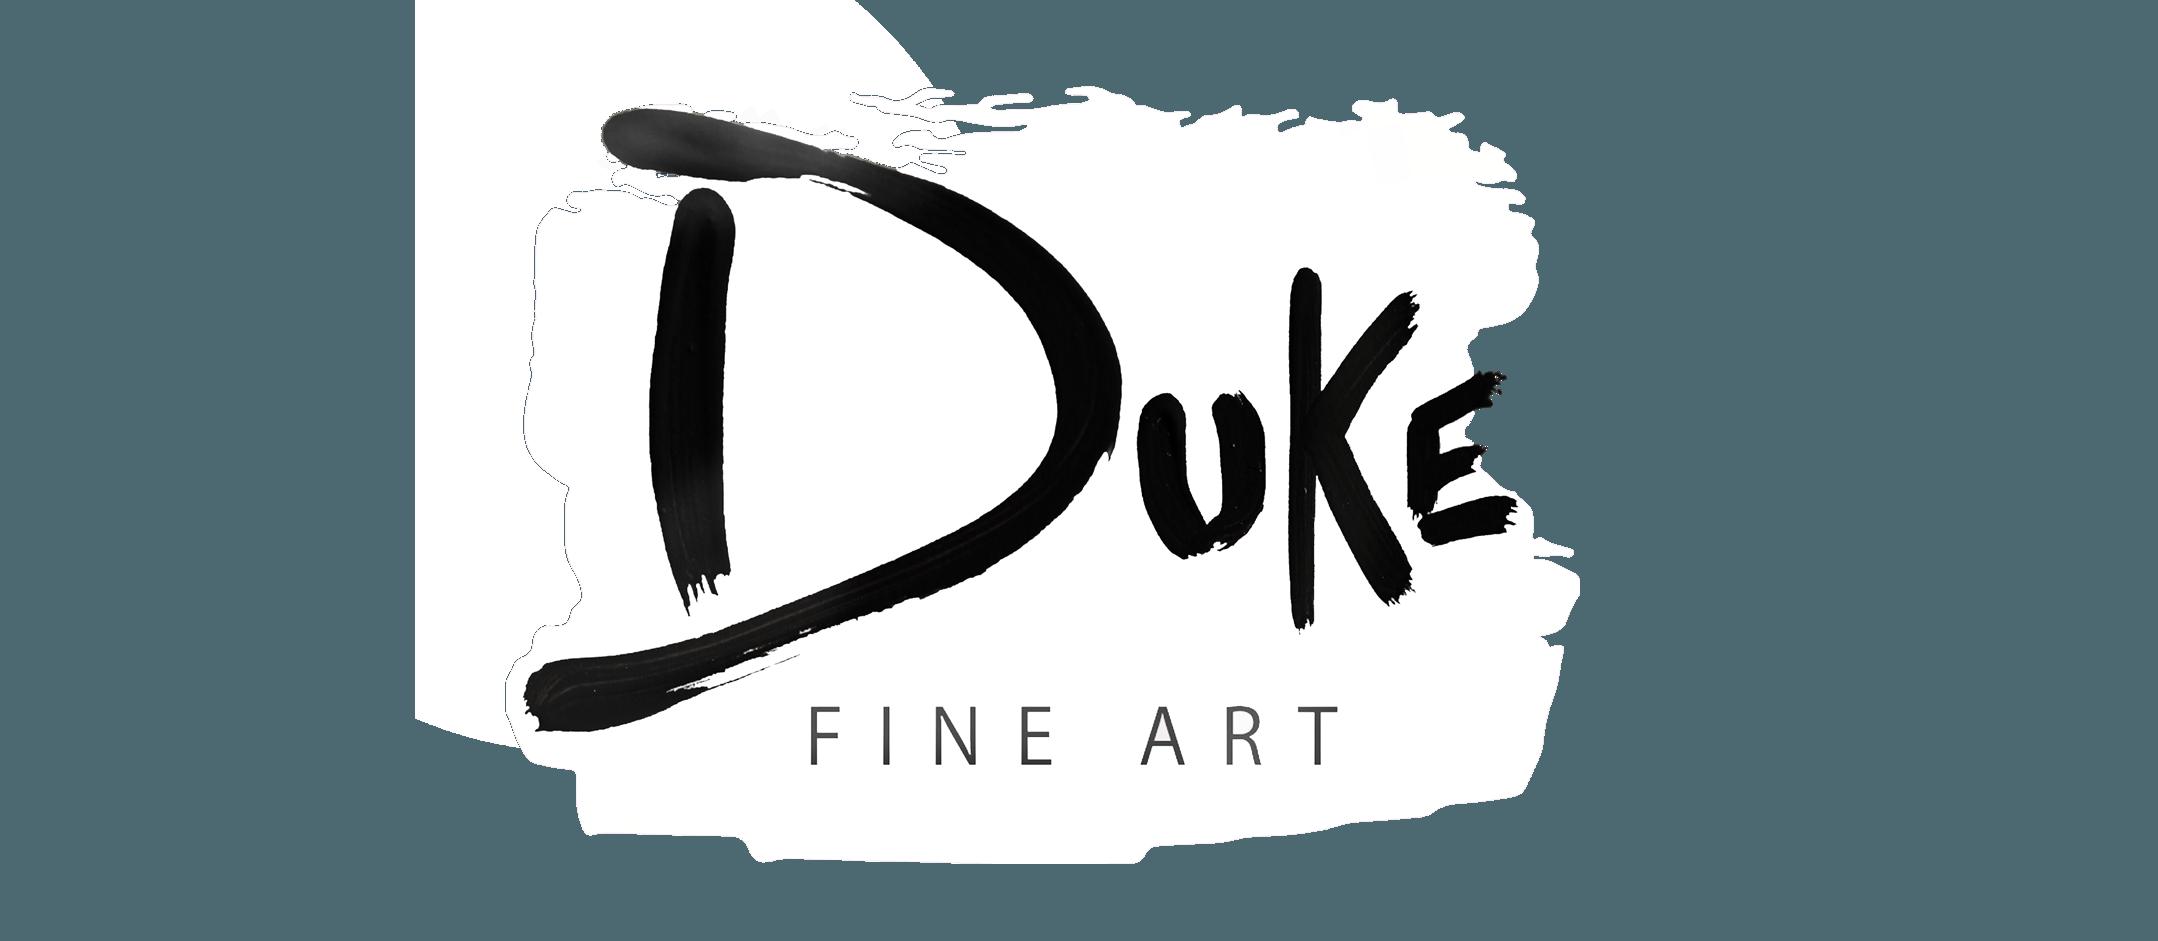 Laura Duke Fine Art